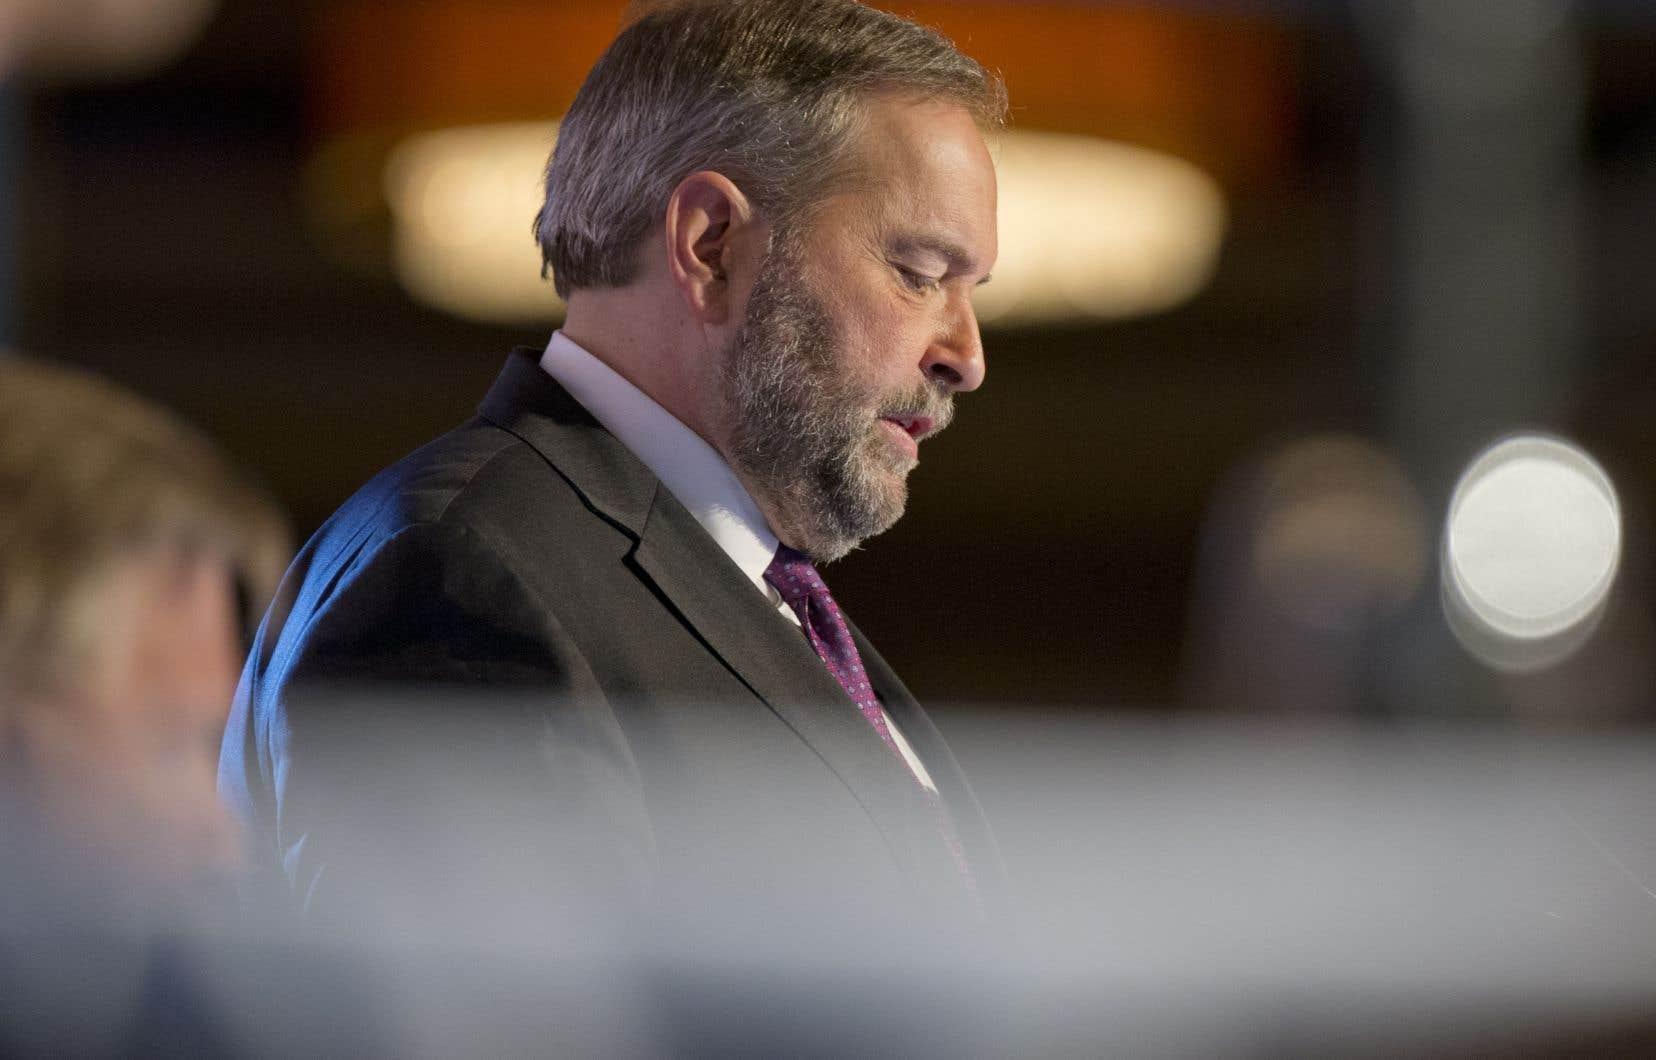 Le départ de Thomas Mulcair devrait entraîner une chaude lutte électorale dans Outremont.